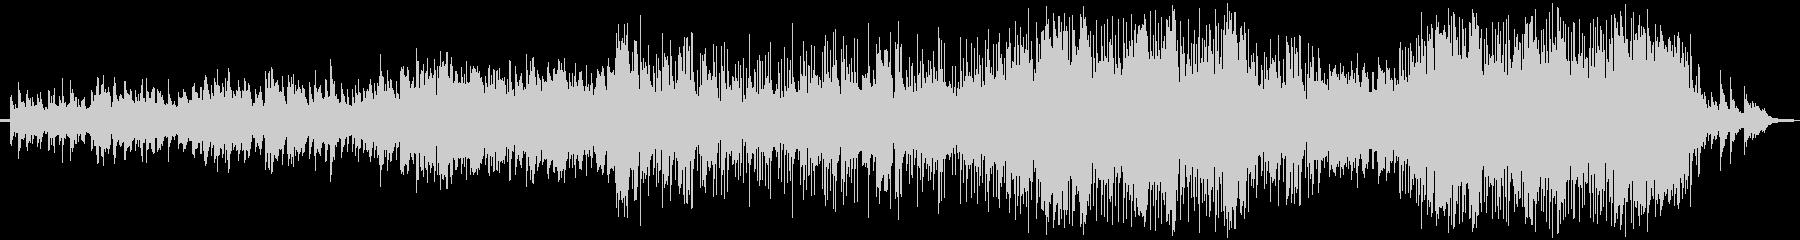 ピアノをメインにしたバラード曲です。の未再生の波形